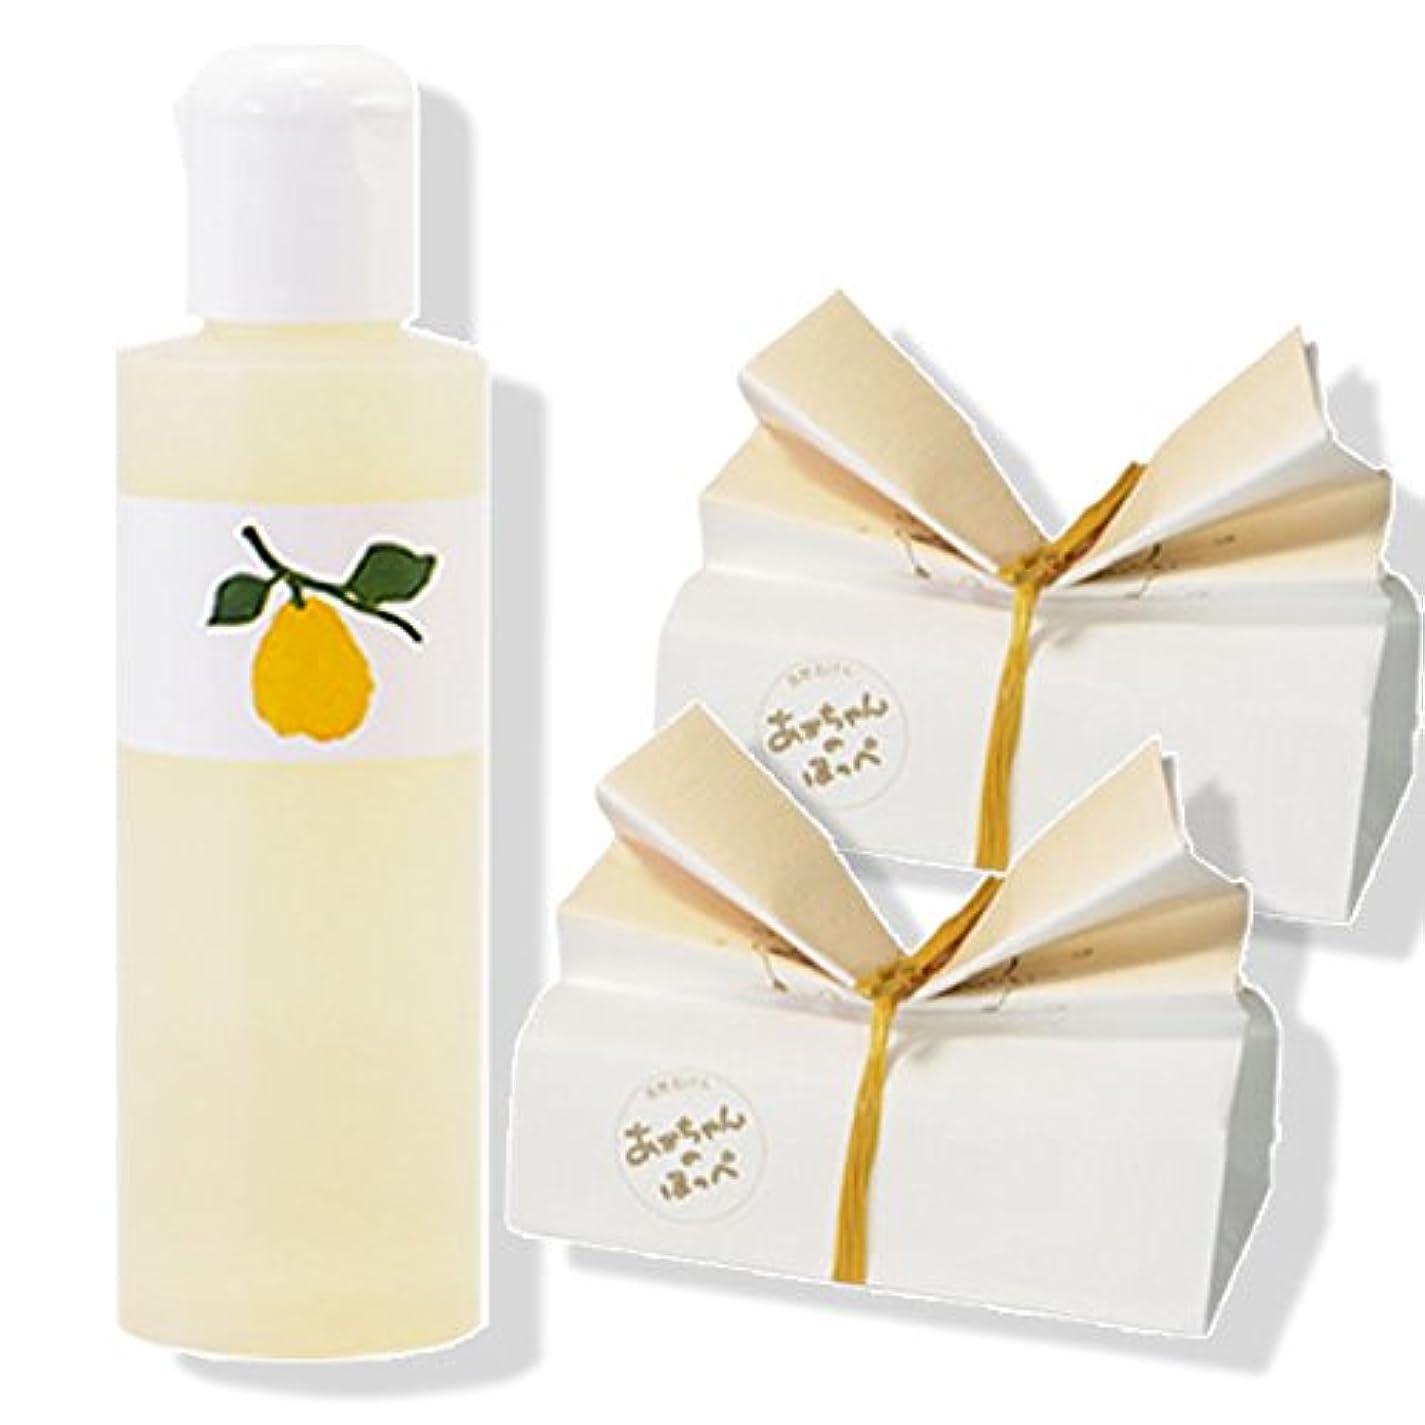 改修不安定な傾向「花梨の化粧水」1本 & 「あかちゃんのほっぺ」石鹸 2個セット